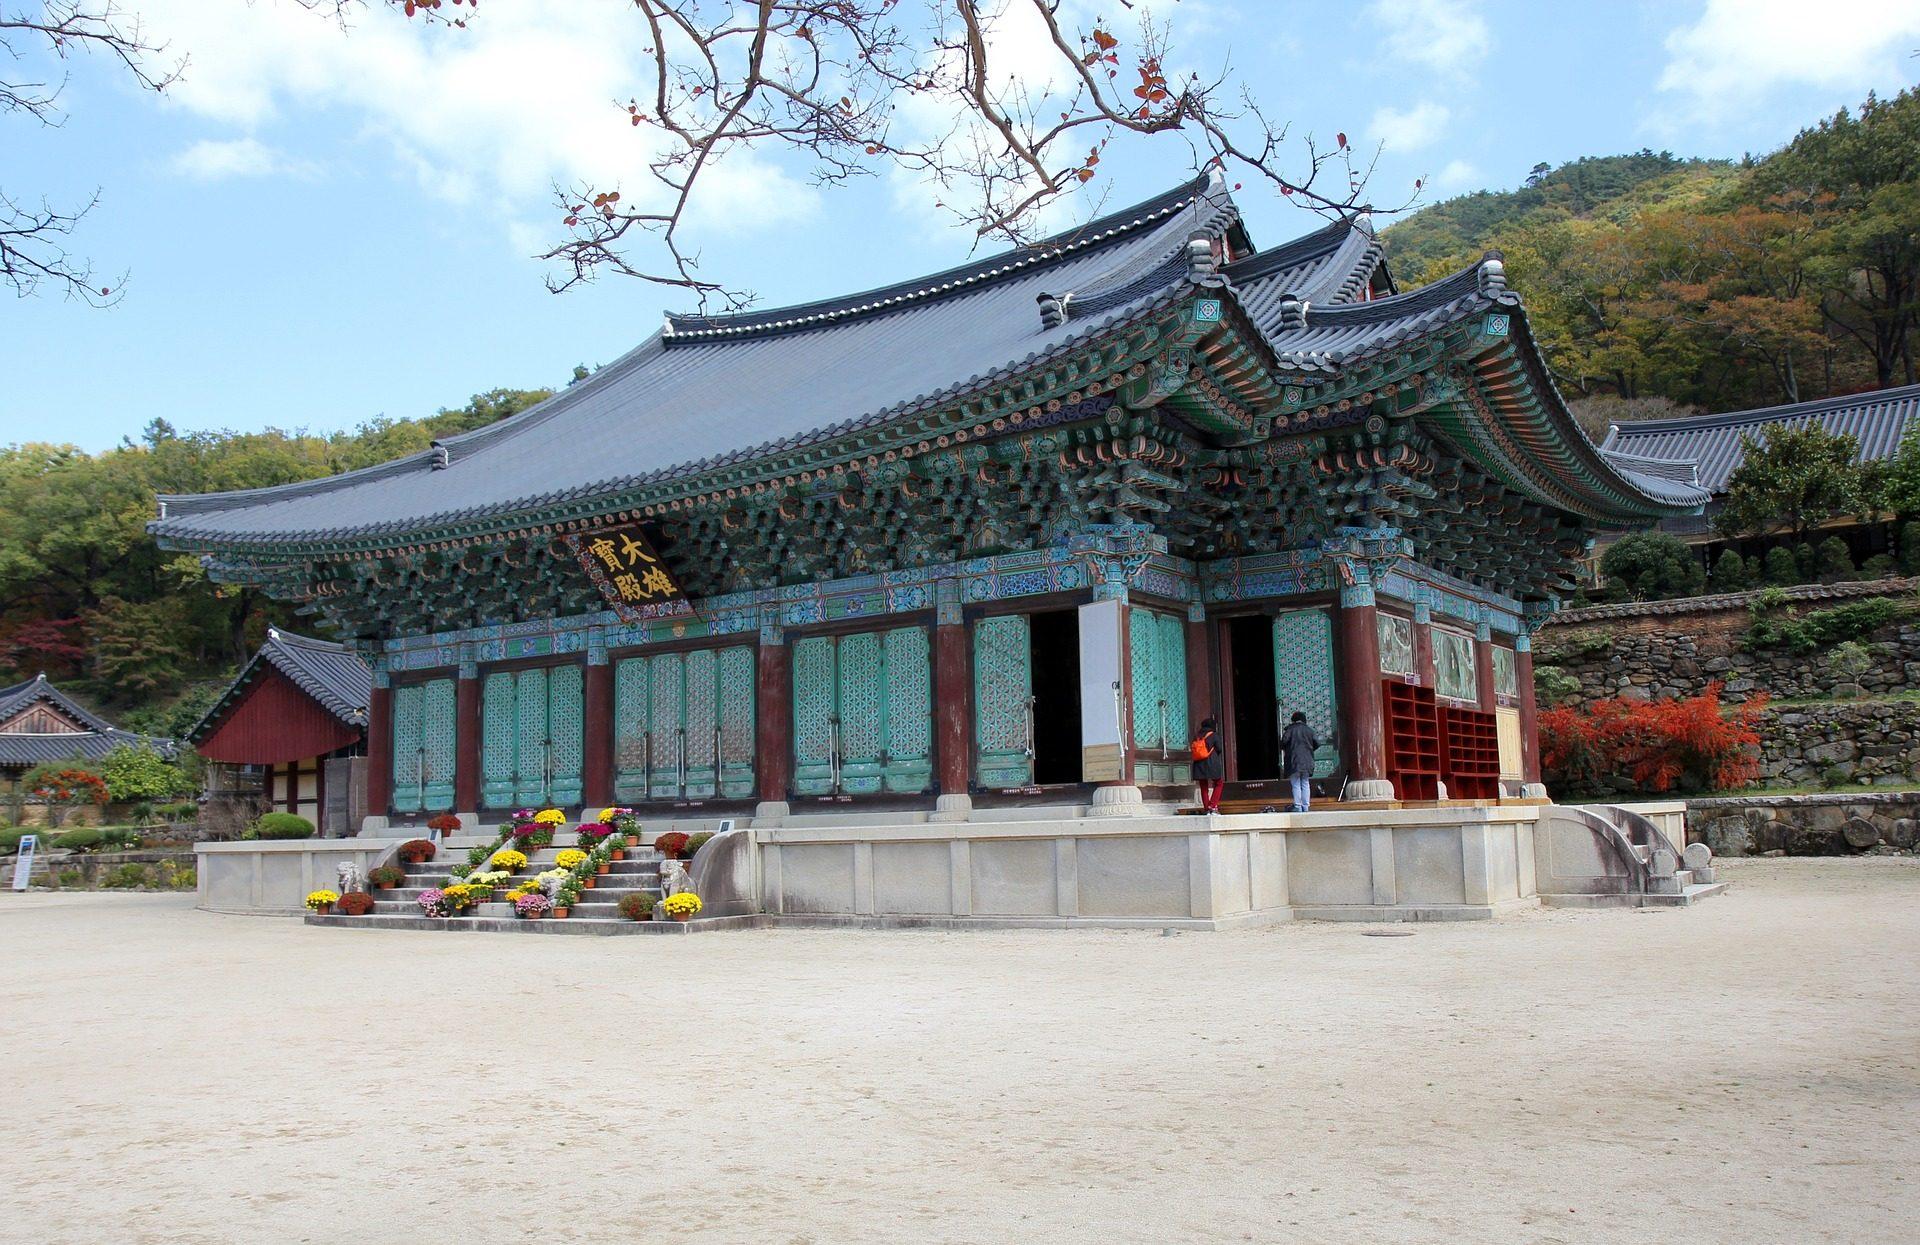 zuid-korea-rondreis